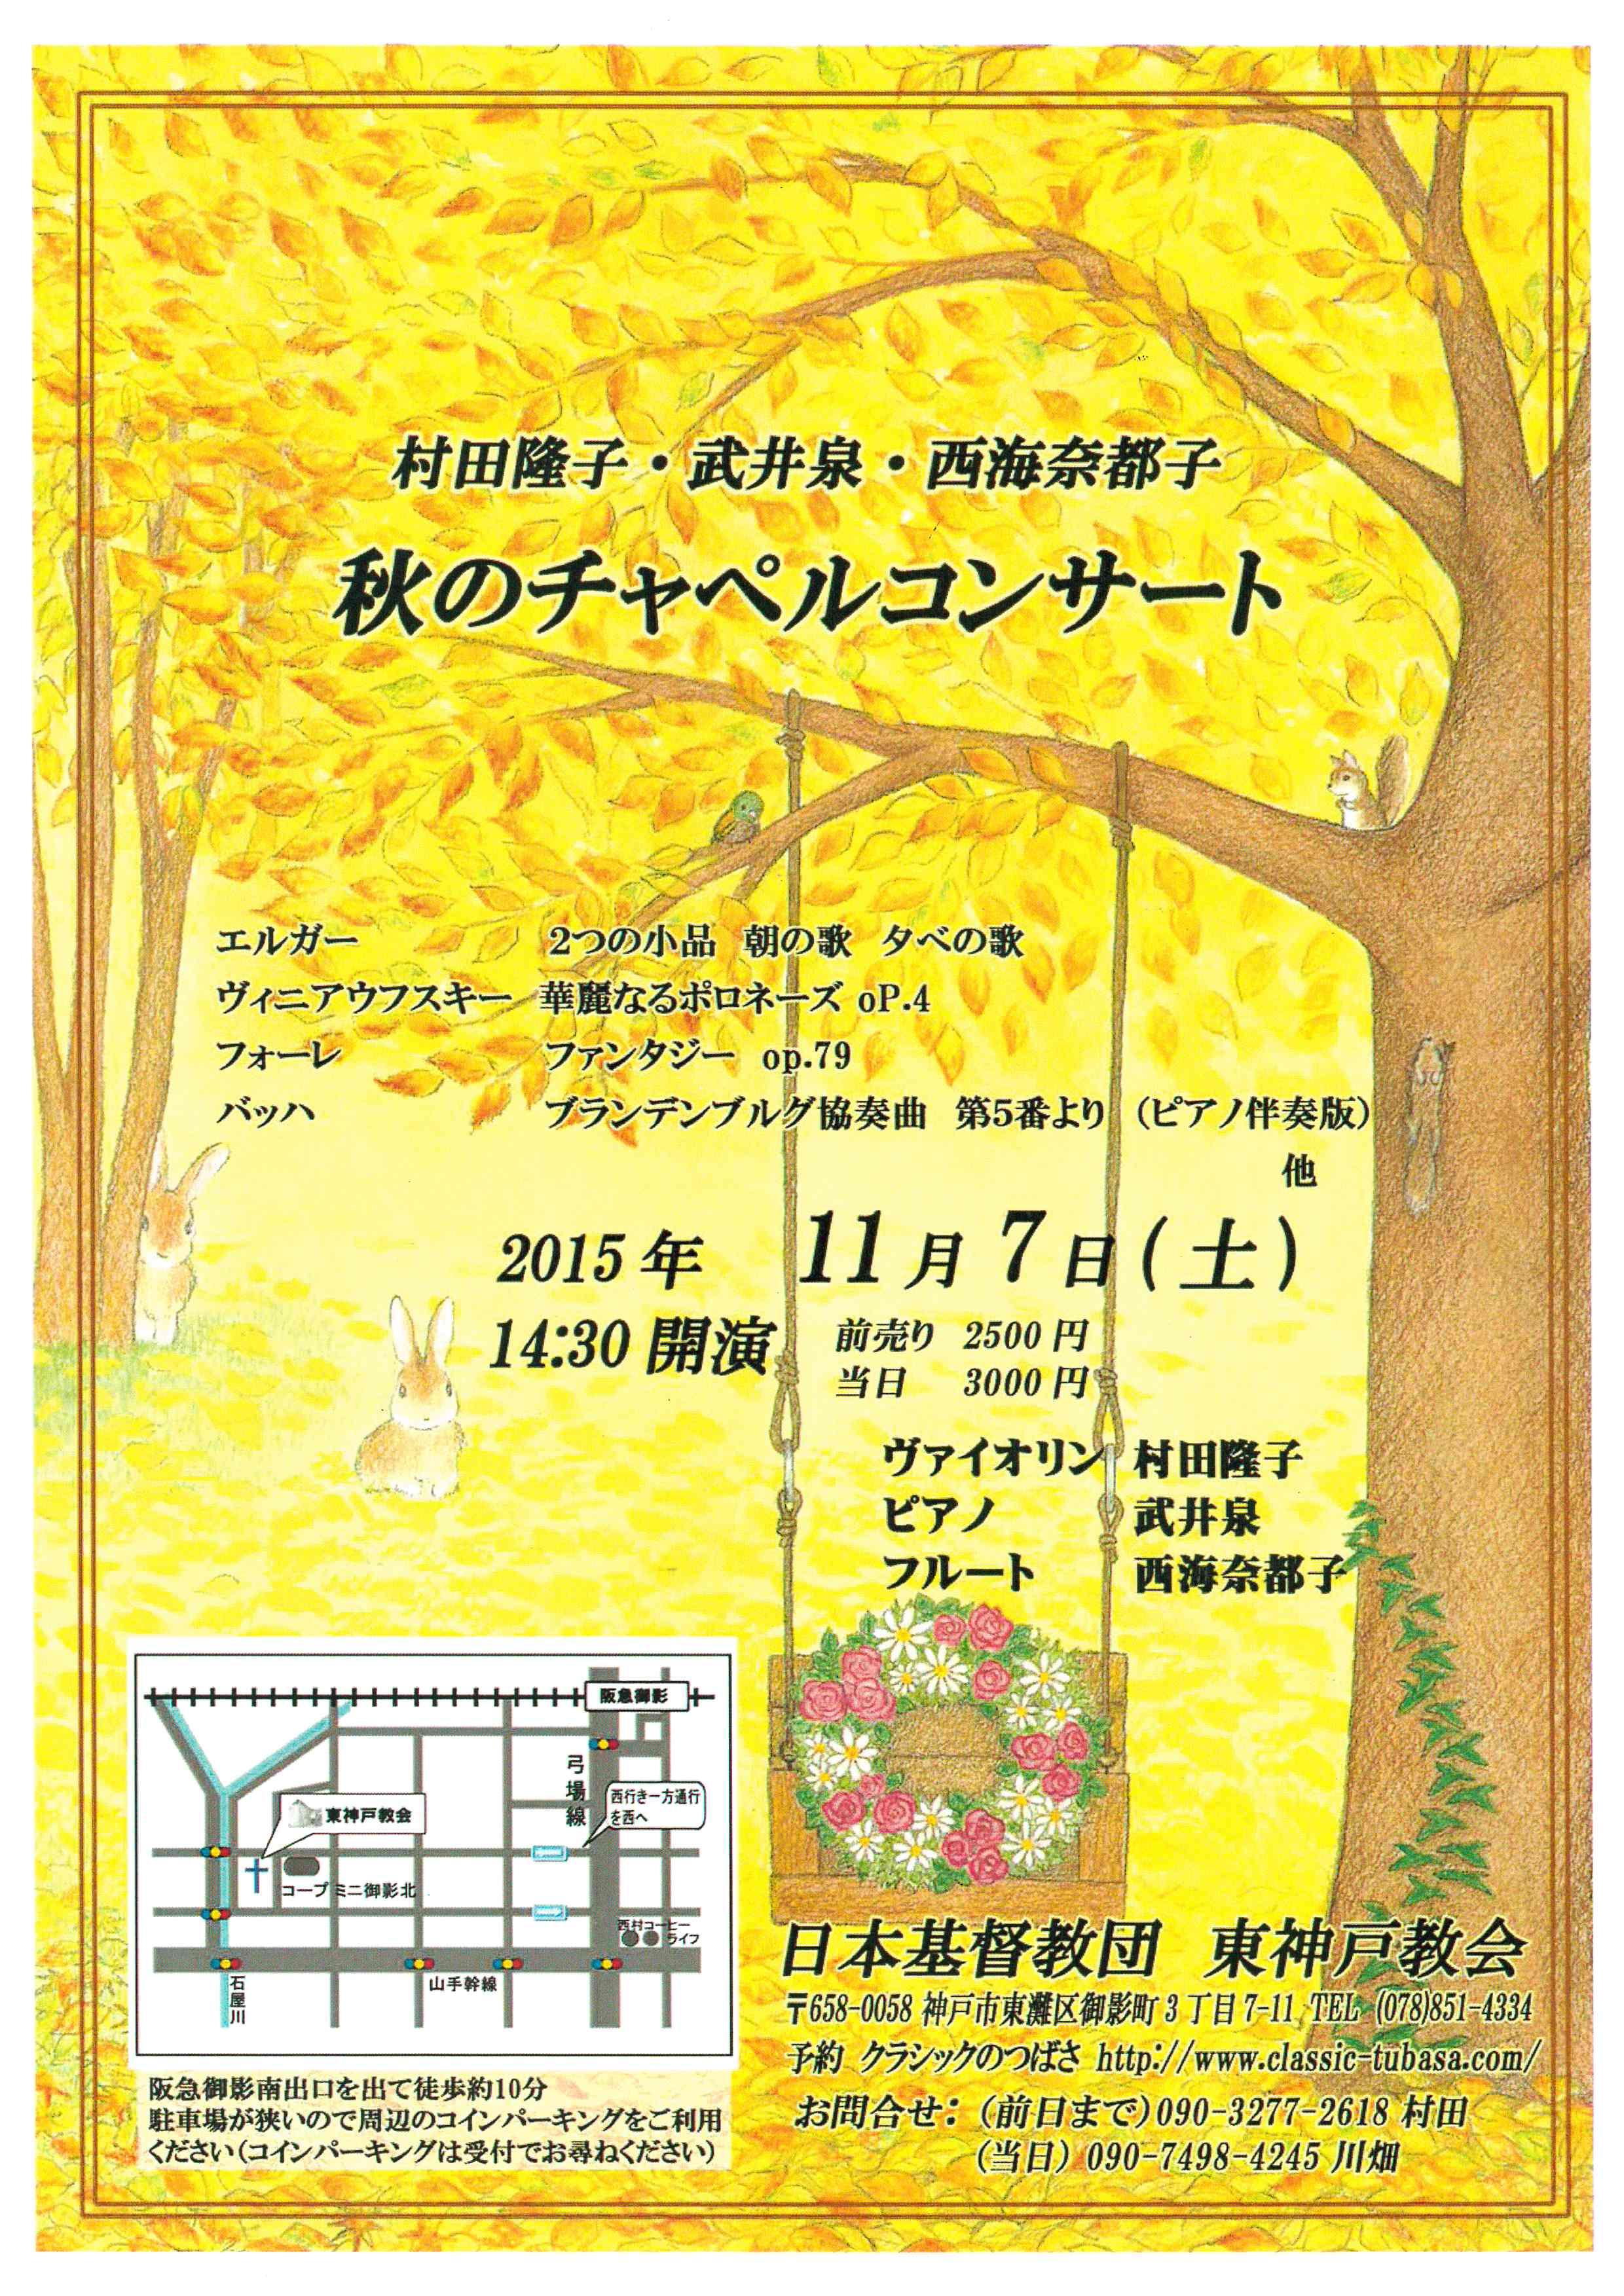 31期生・村田隆子コンサート